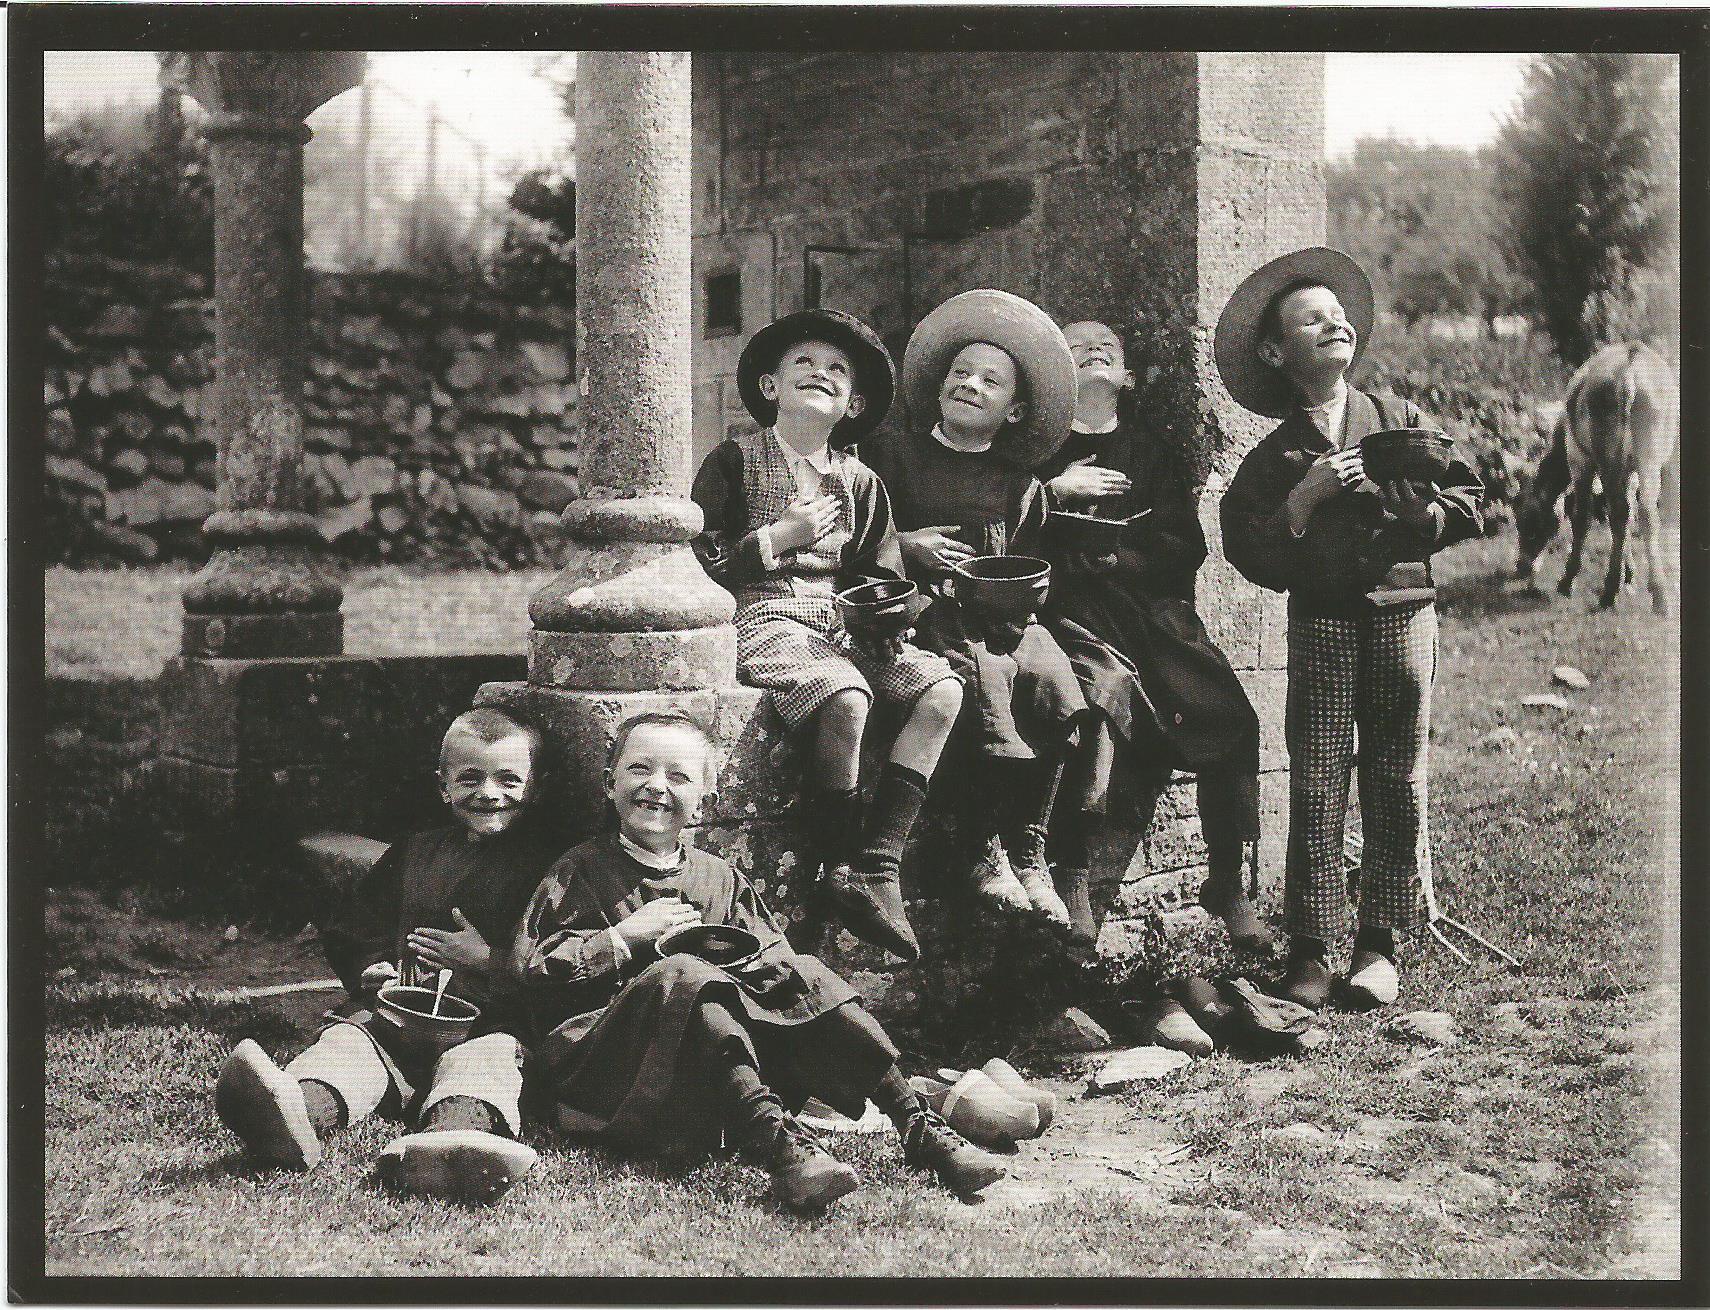 Garçonnets mangeant près d'une fontaine. Plumelec Morbihan. Paul Géniaux. 1902-1905. Collection Musée de Bretagne